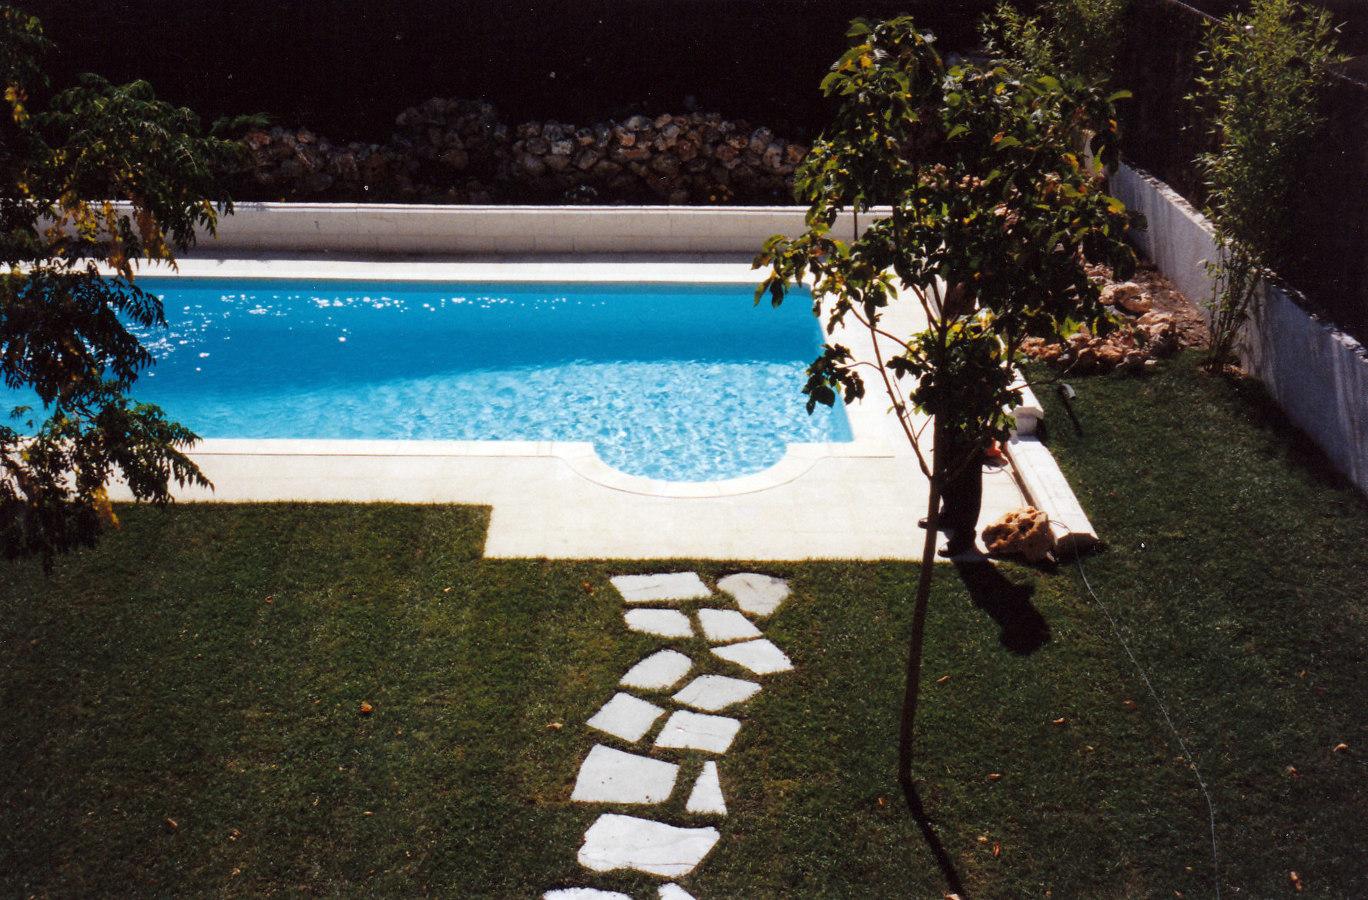 Foto piscina y jardin sevilla la nuena de jardines paco s - Piscinas y jardines ...